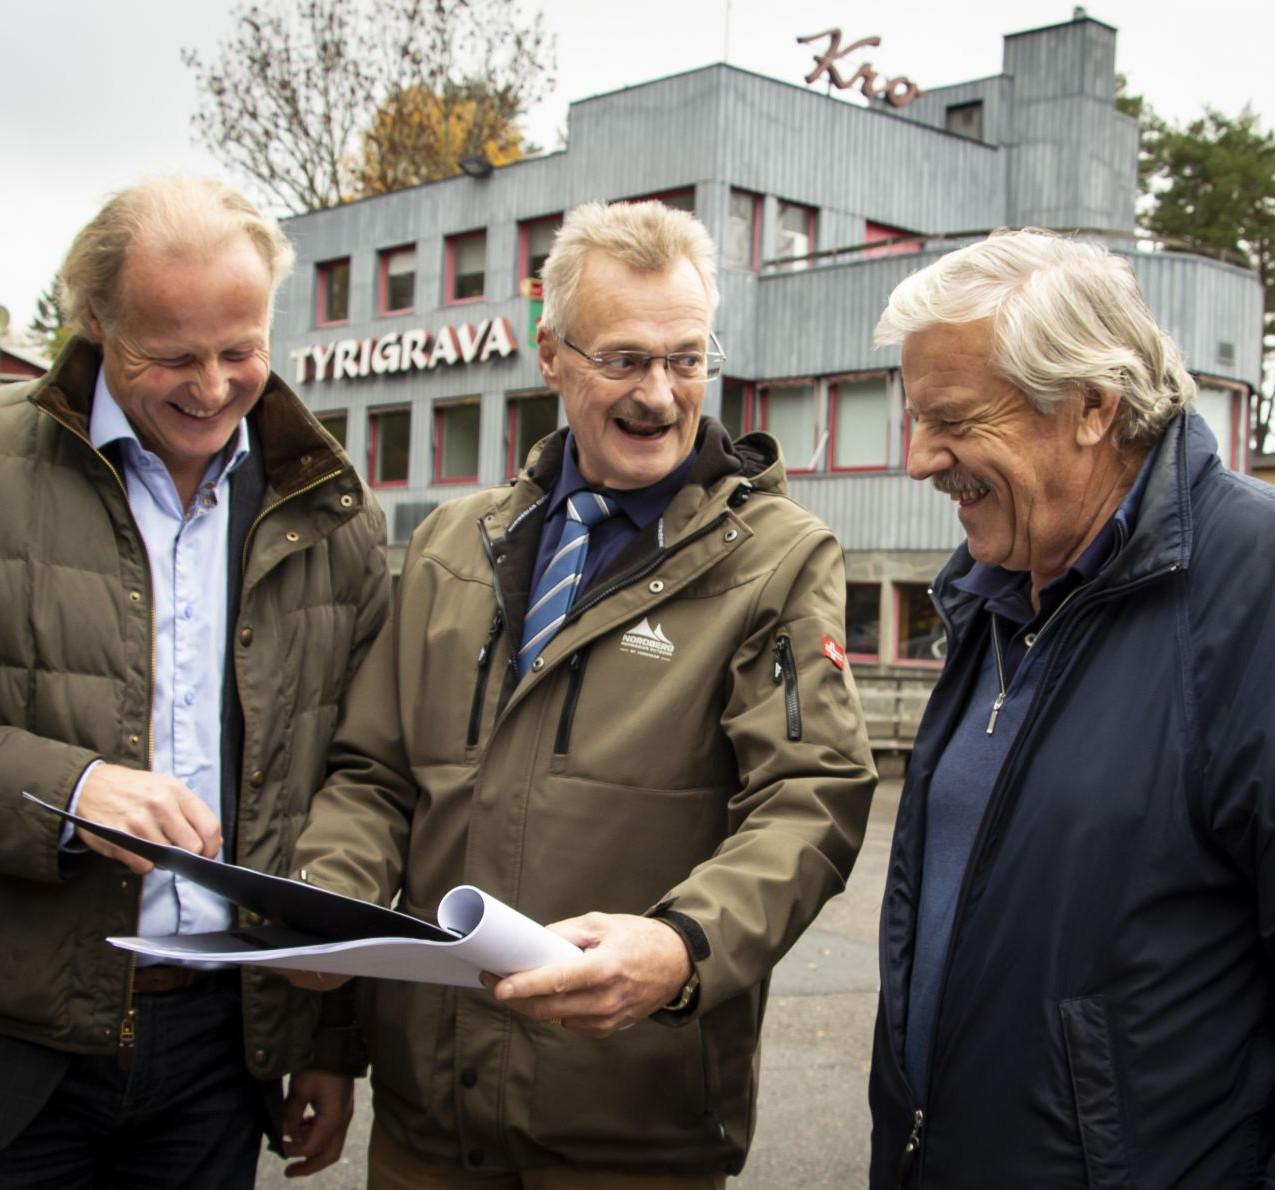 STORE PLANER: Børre Skiaker (t.v.) og Finn Eirik Eilertsen i KNA studerer skissene til nye Tyrigrava sammen med Ola Kleiven i NVK. (Foto: Rolf Magnus W. Sæther)